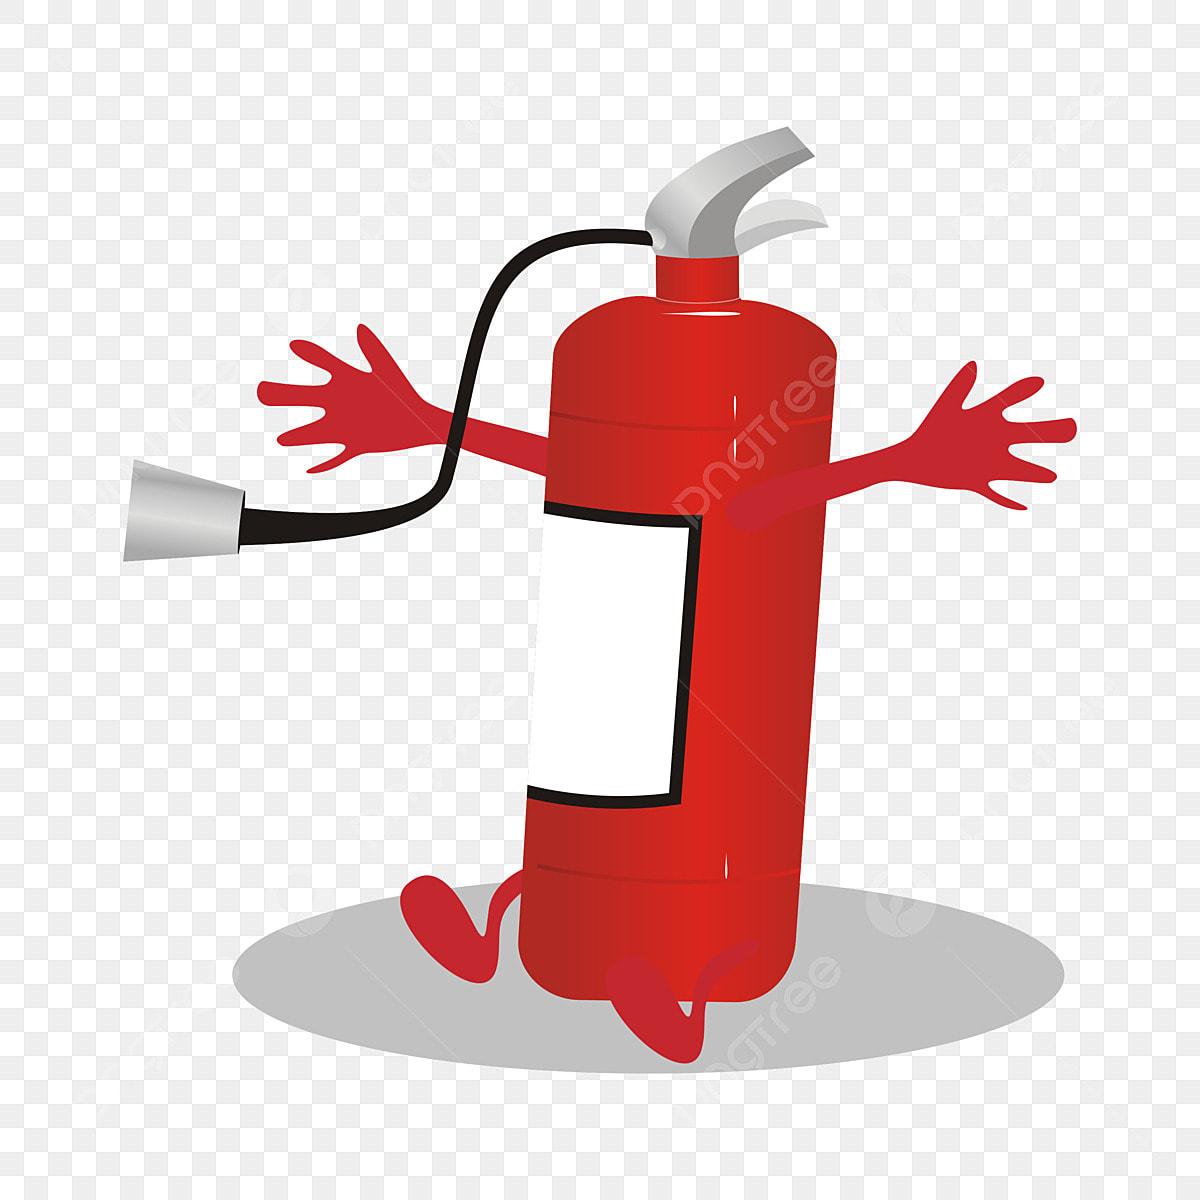 ومن ناحية طفاية حريق الكرتون على غرار عناصر معدات مكافحة الحرائق معدات إطفاء الحريق معدات النار طفاية حريق كارتون Png صورة للتحميل مجانا